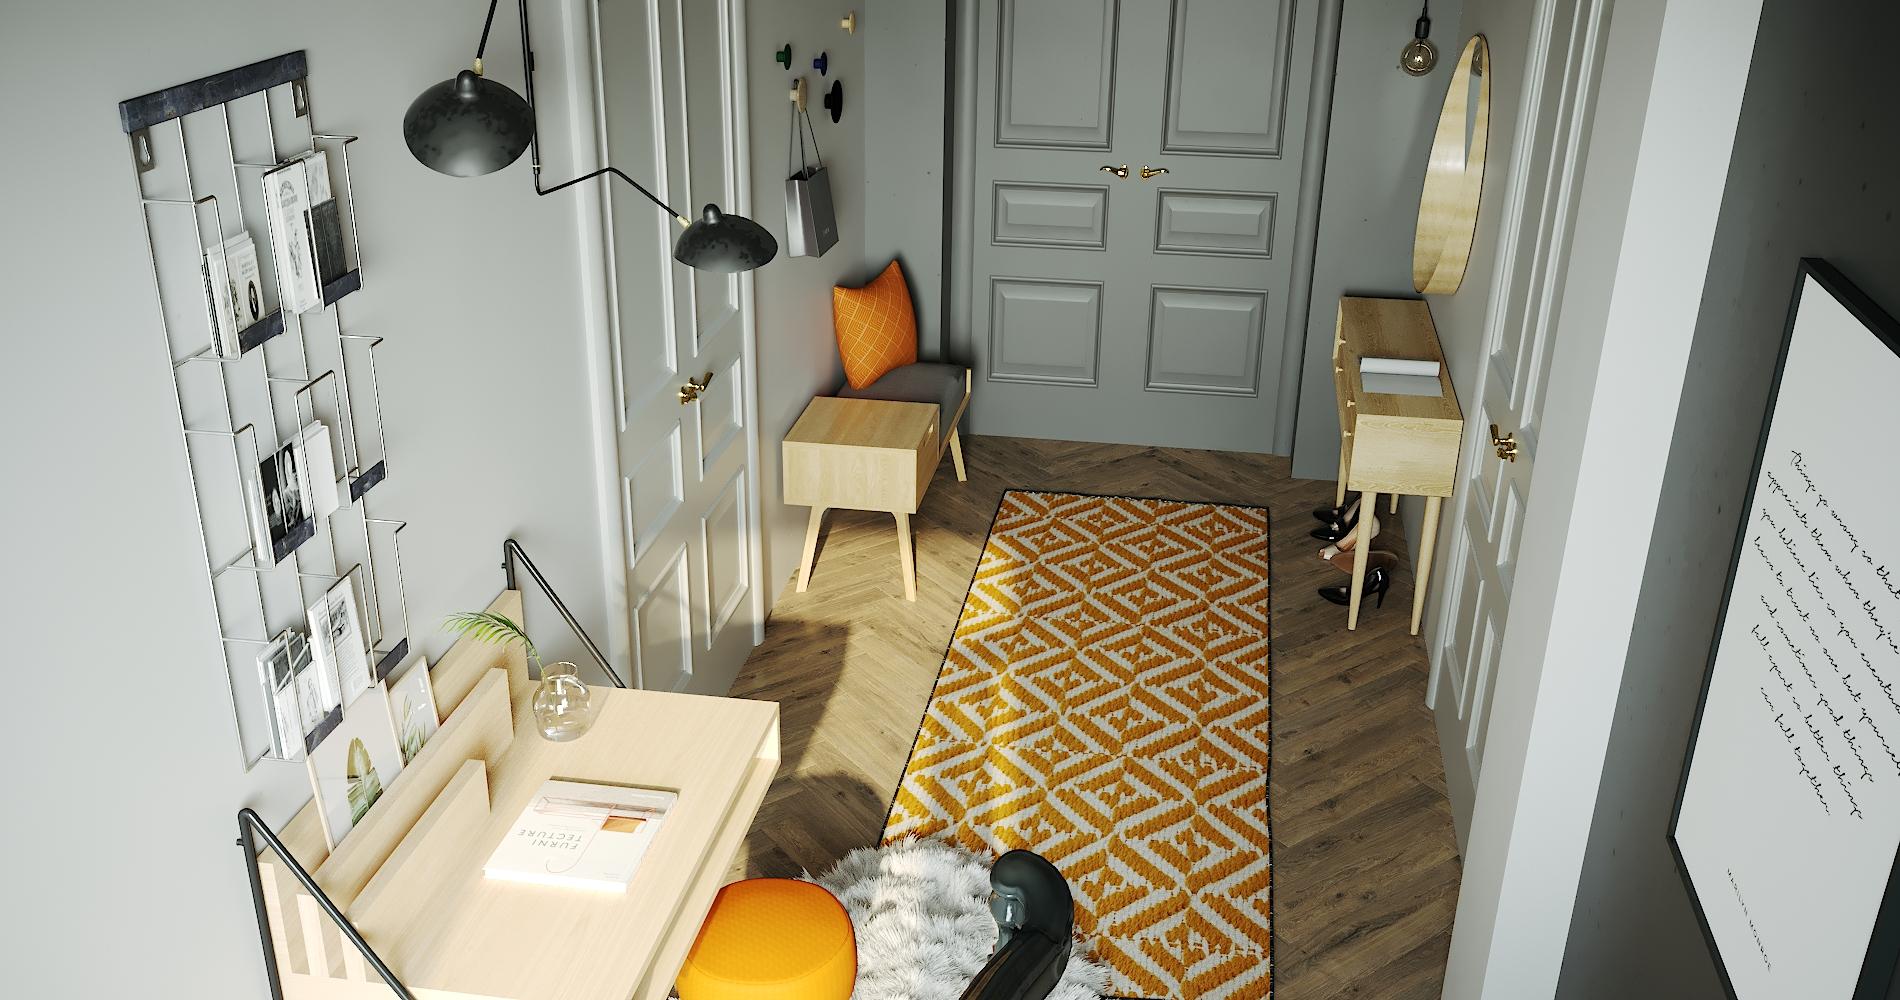 Comment Aménager Son Hall D Entrée comment transformer son entrée en pièce à vivre ? - madame